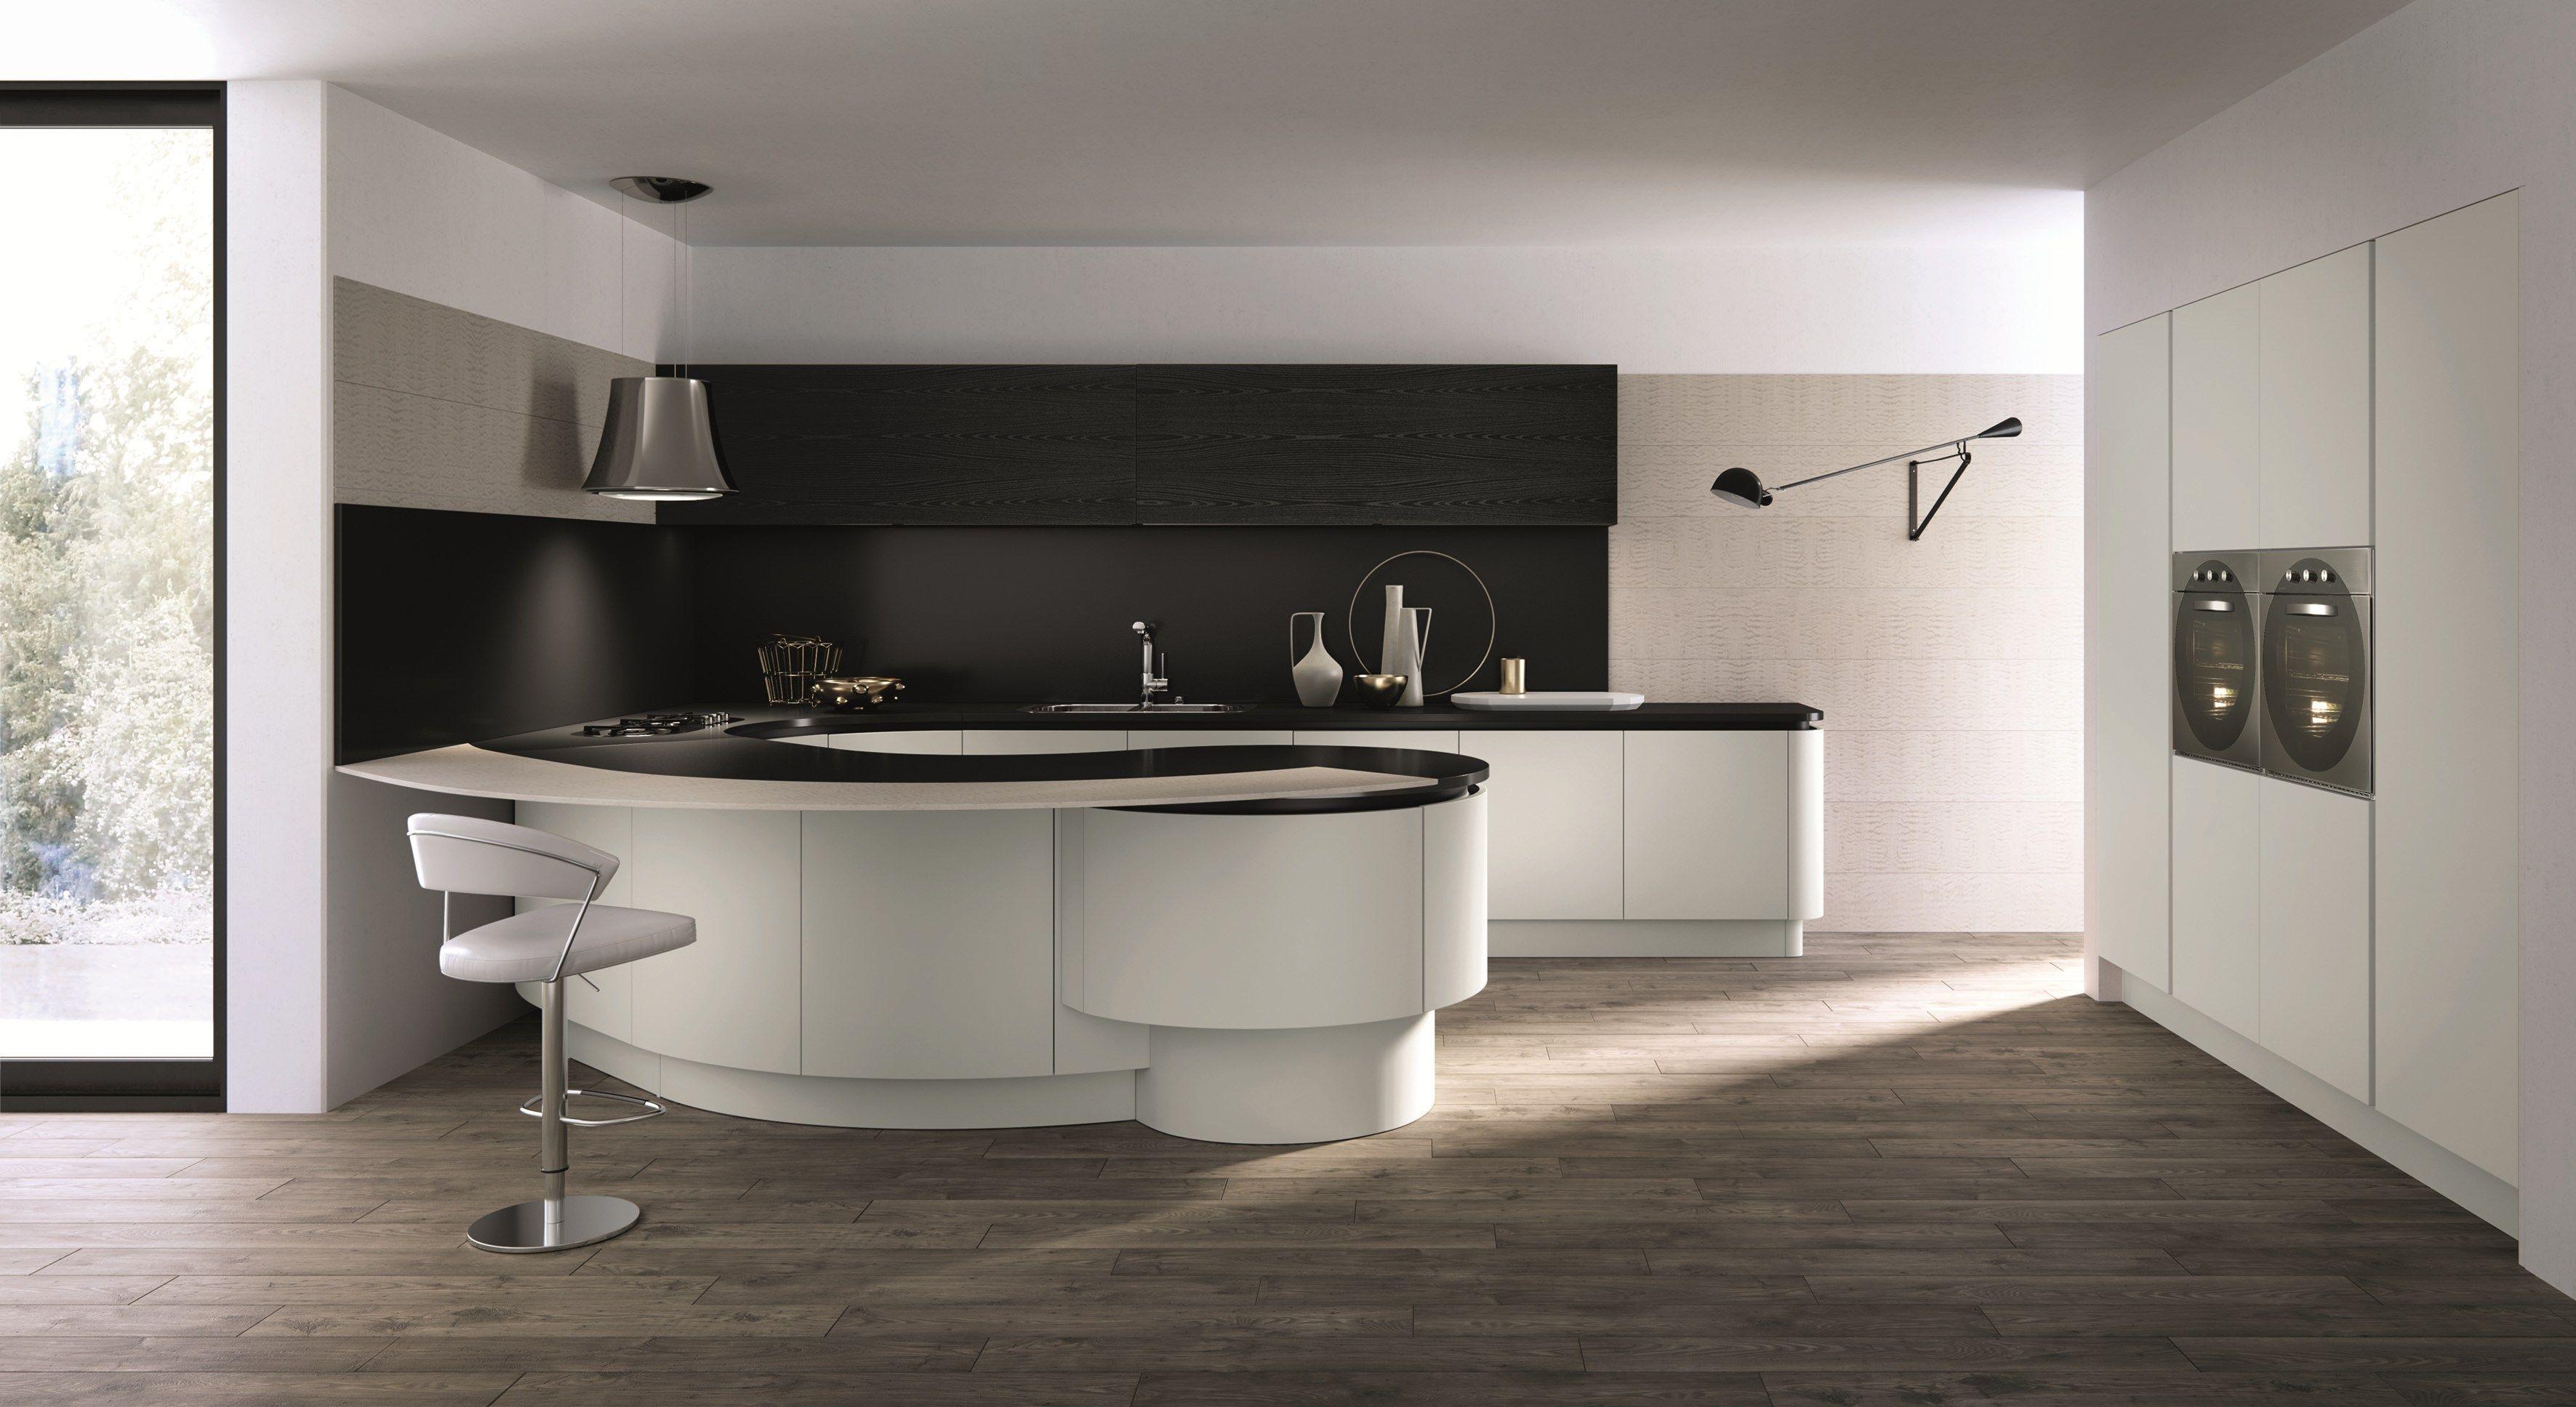 Domina cucina con penisola by aster cucine design lorenzo granocchia